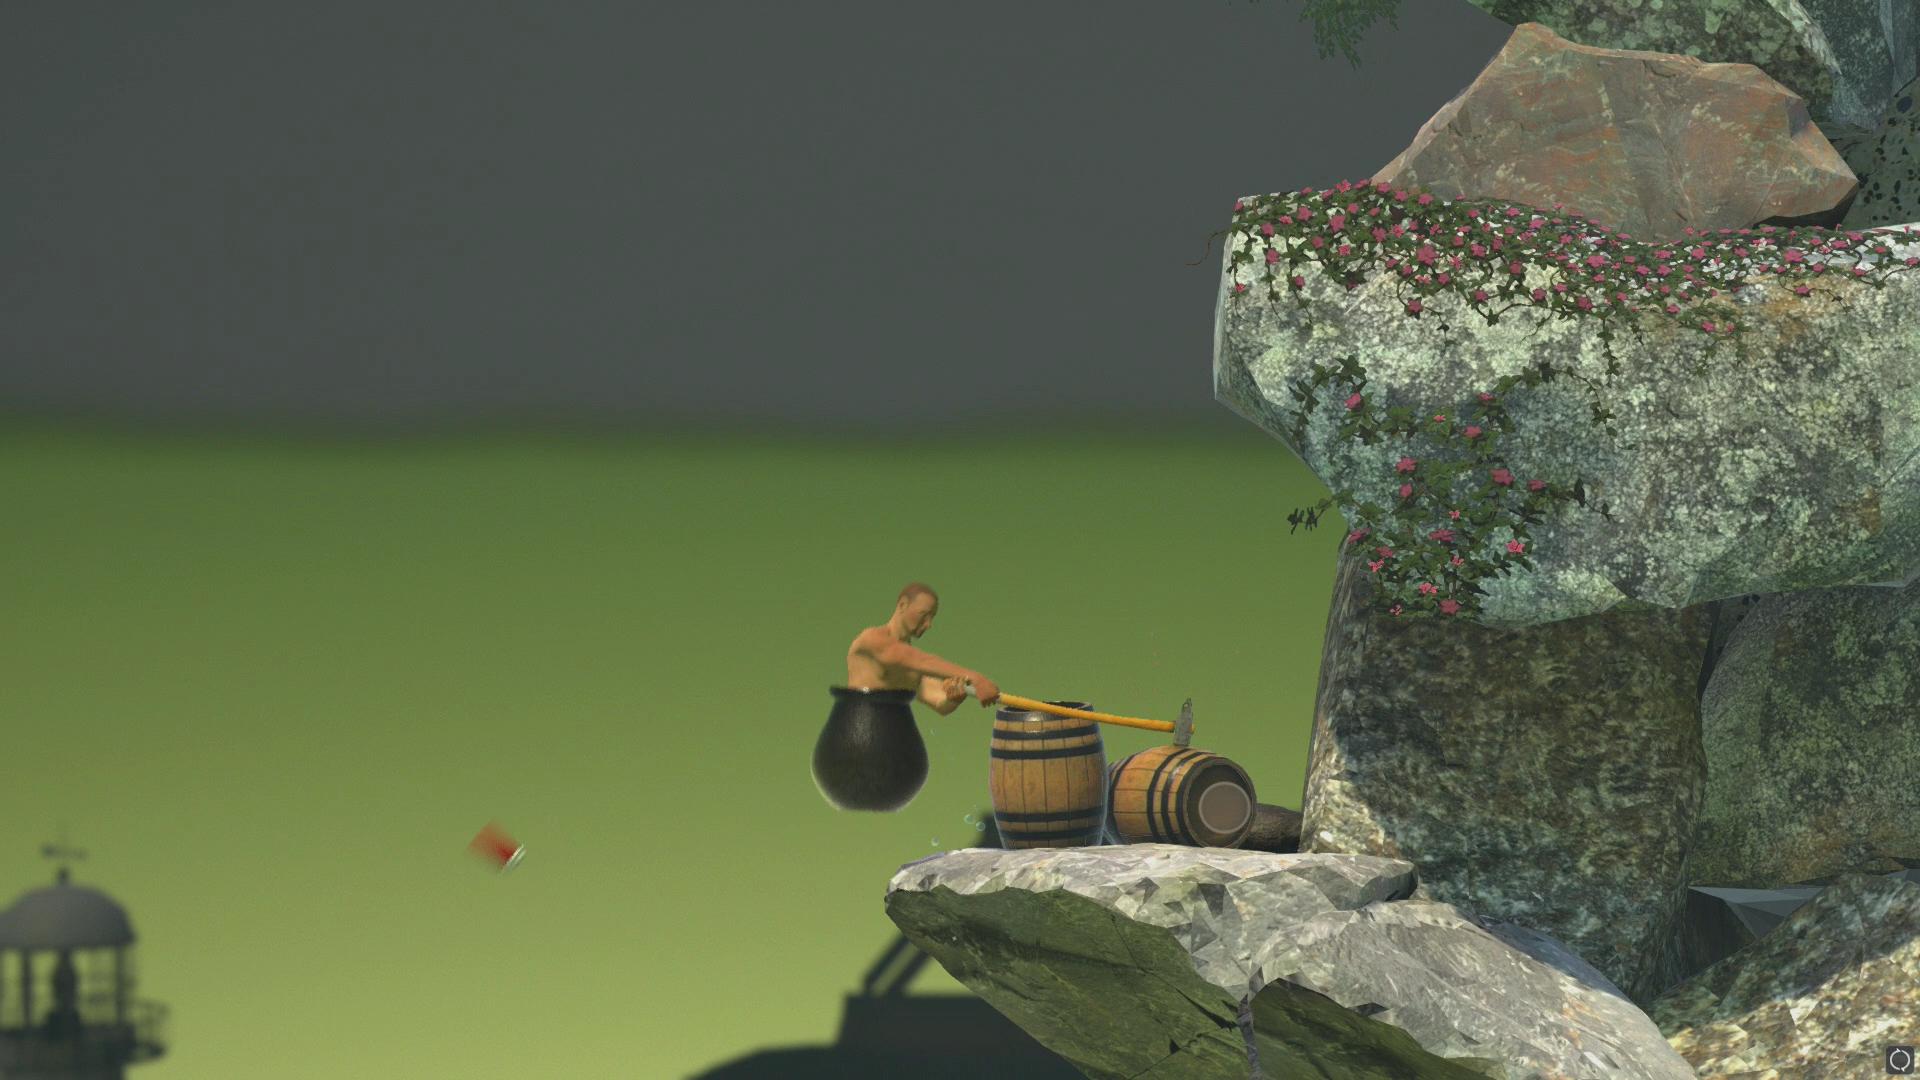 本作のオブジェクトは基本的には設置物が中心だが、たまに動くものも存在する。最初の崖の途中には謎のコーヒー用のコップがあり、ハンマーが引っかかると、弾かれて飛んでいってしまう